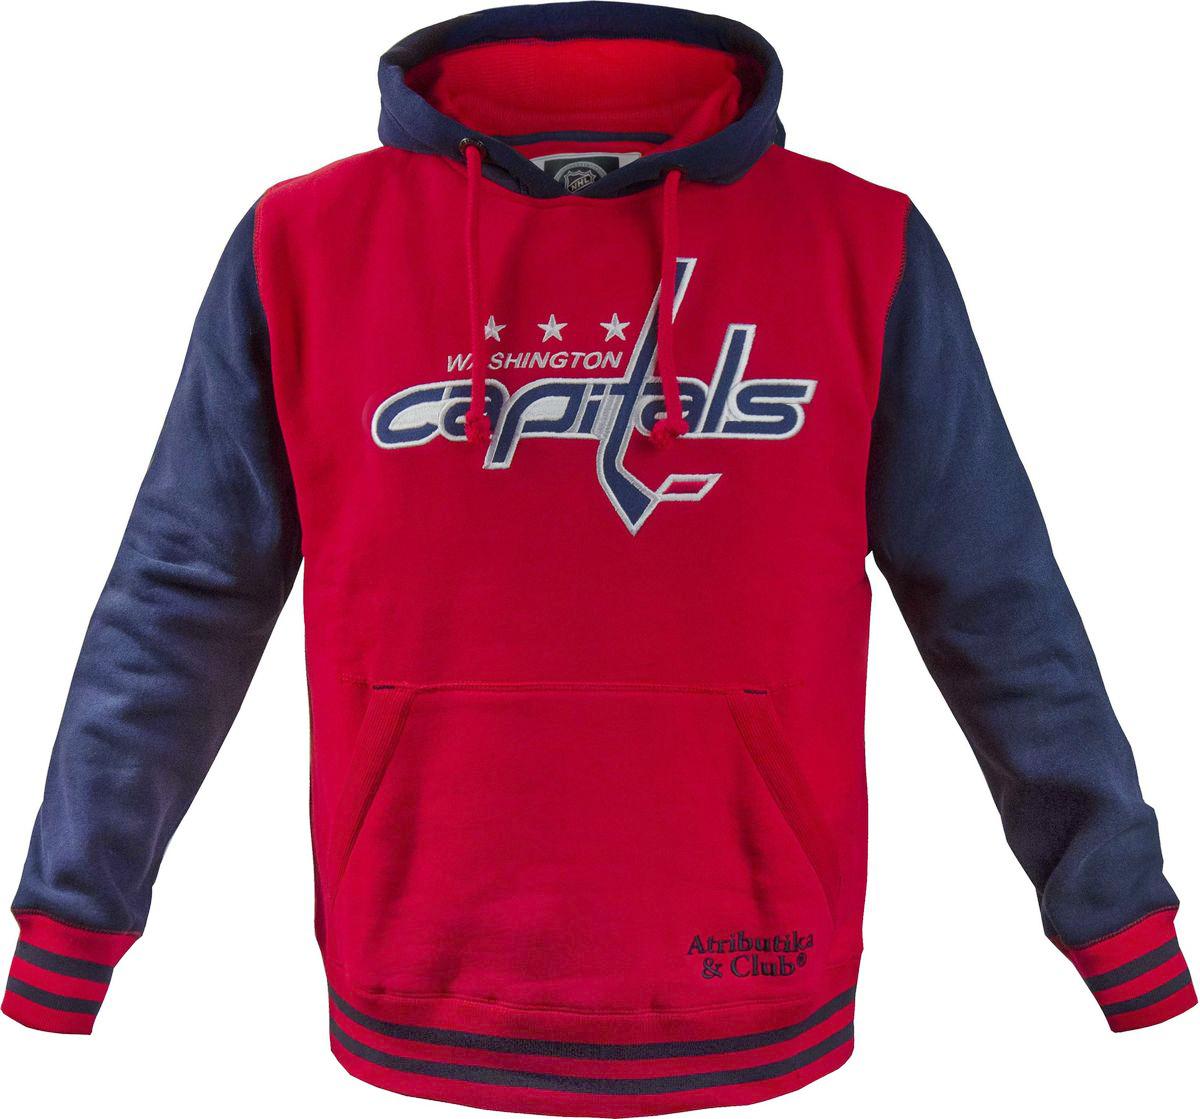 Толстовка мужская Atributika & Club Washington Capitals, цвет: красный, синий. 35790. Размер XXL (56)35790